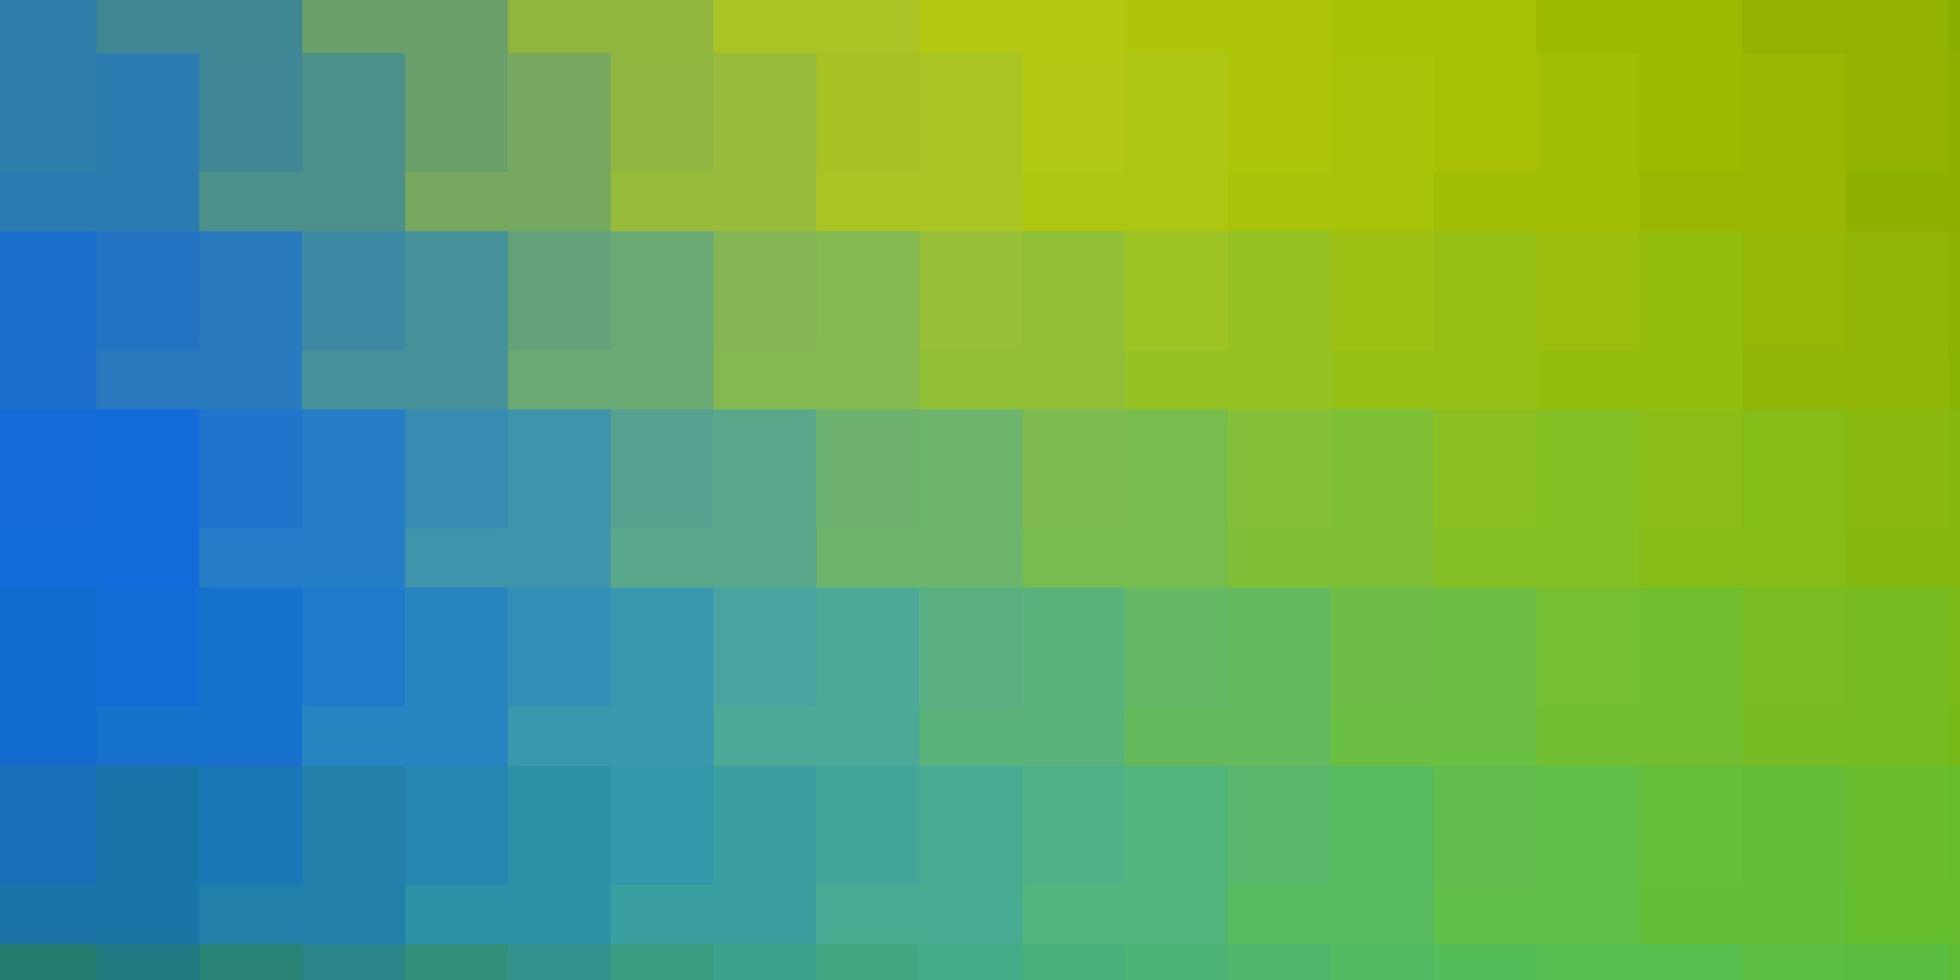 toile de fond bleu et vert avec des rectangles. vecteur